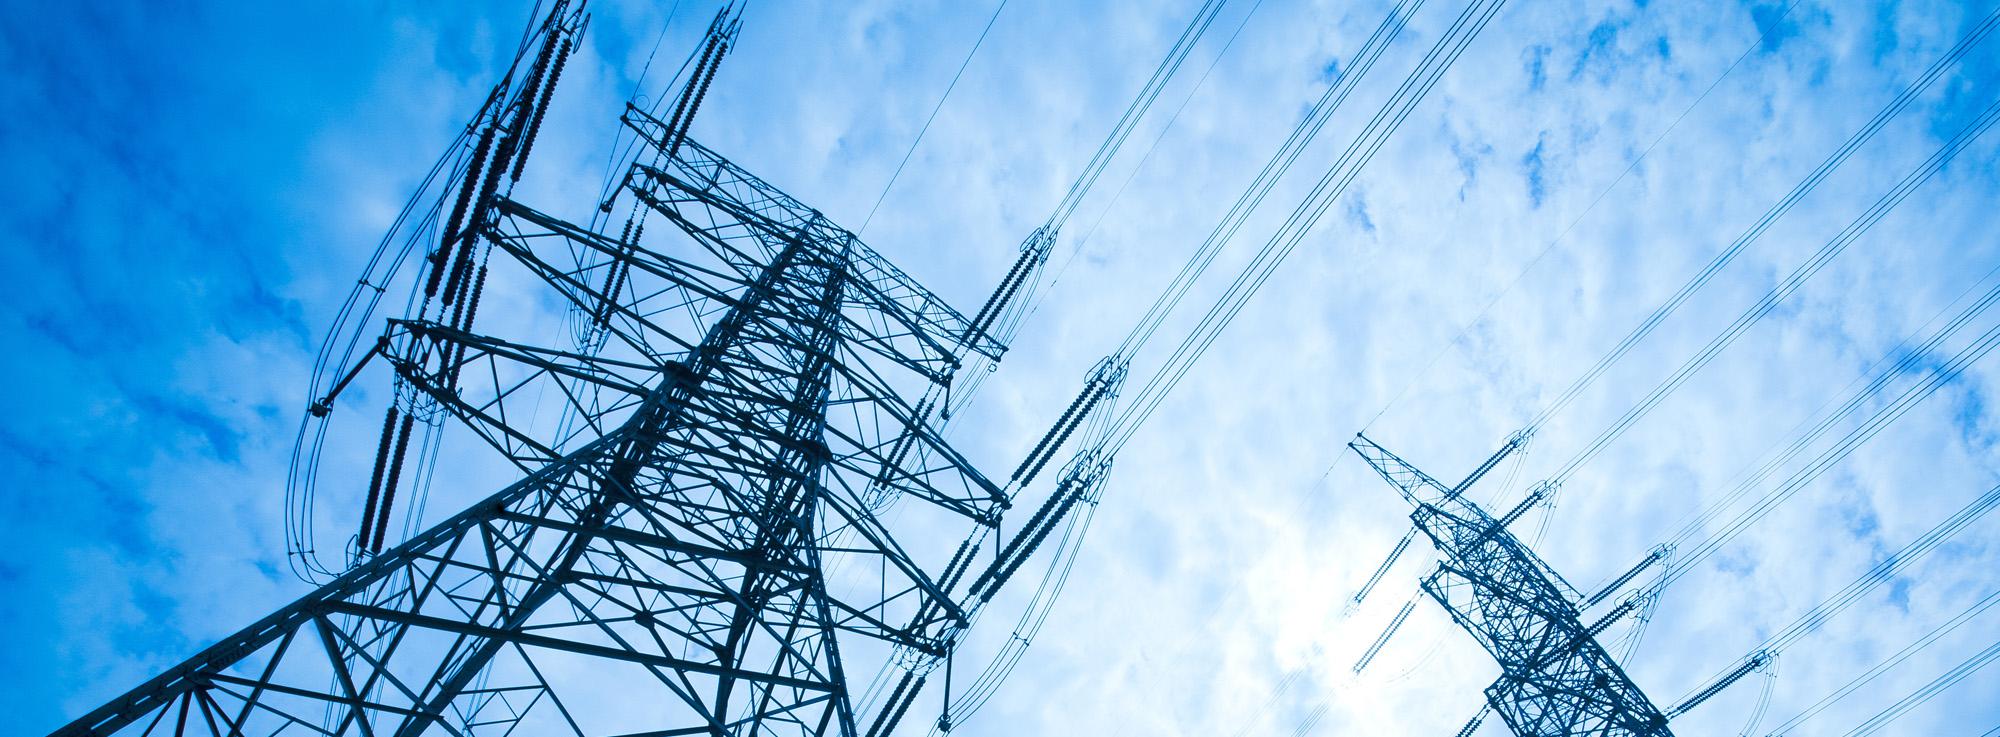 Prețurile la energie electrică în România ating recorduri istorice în august 2017